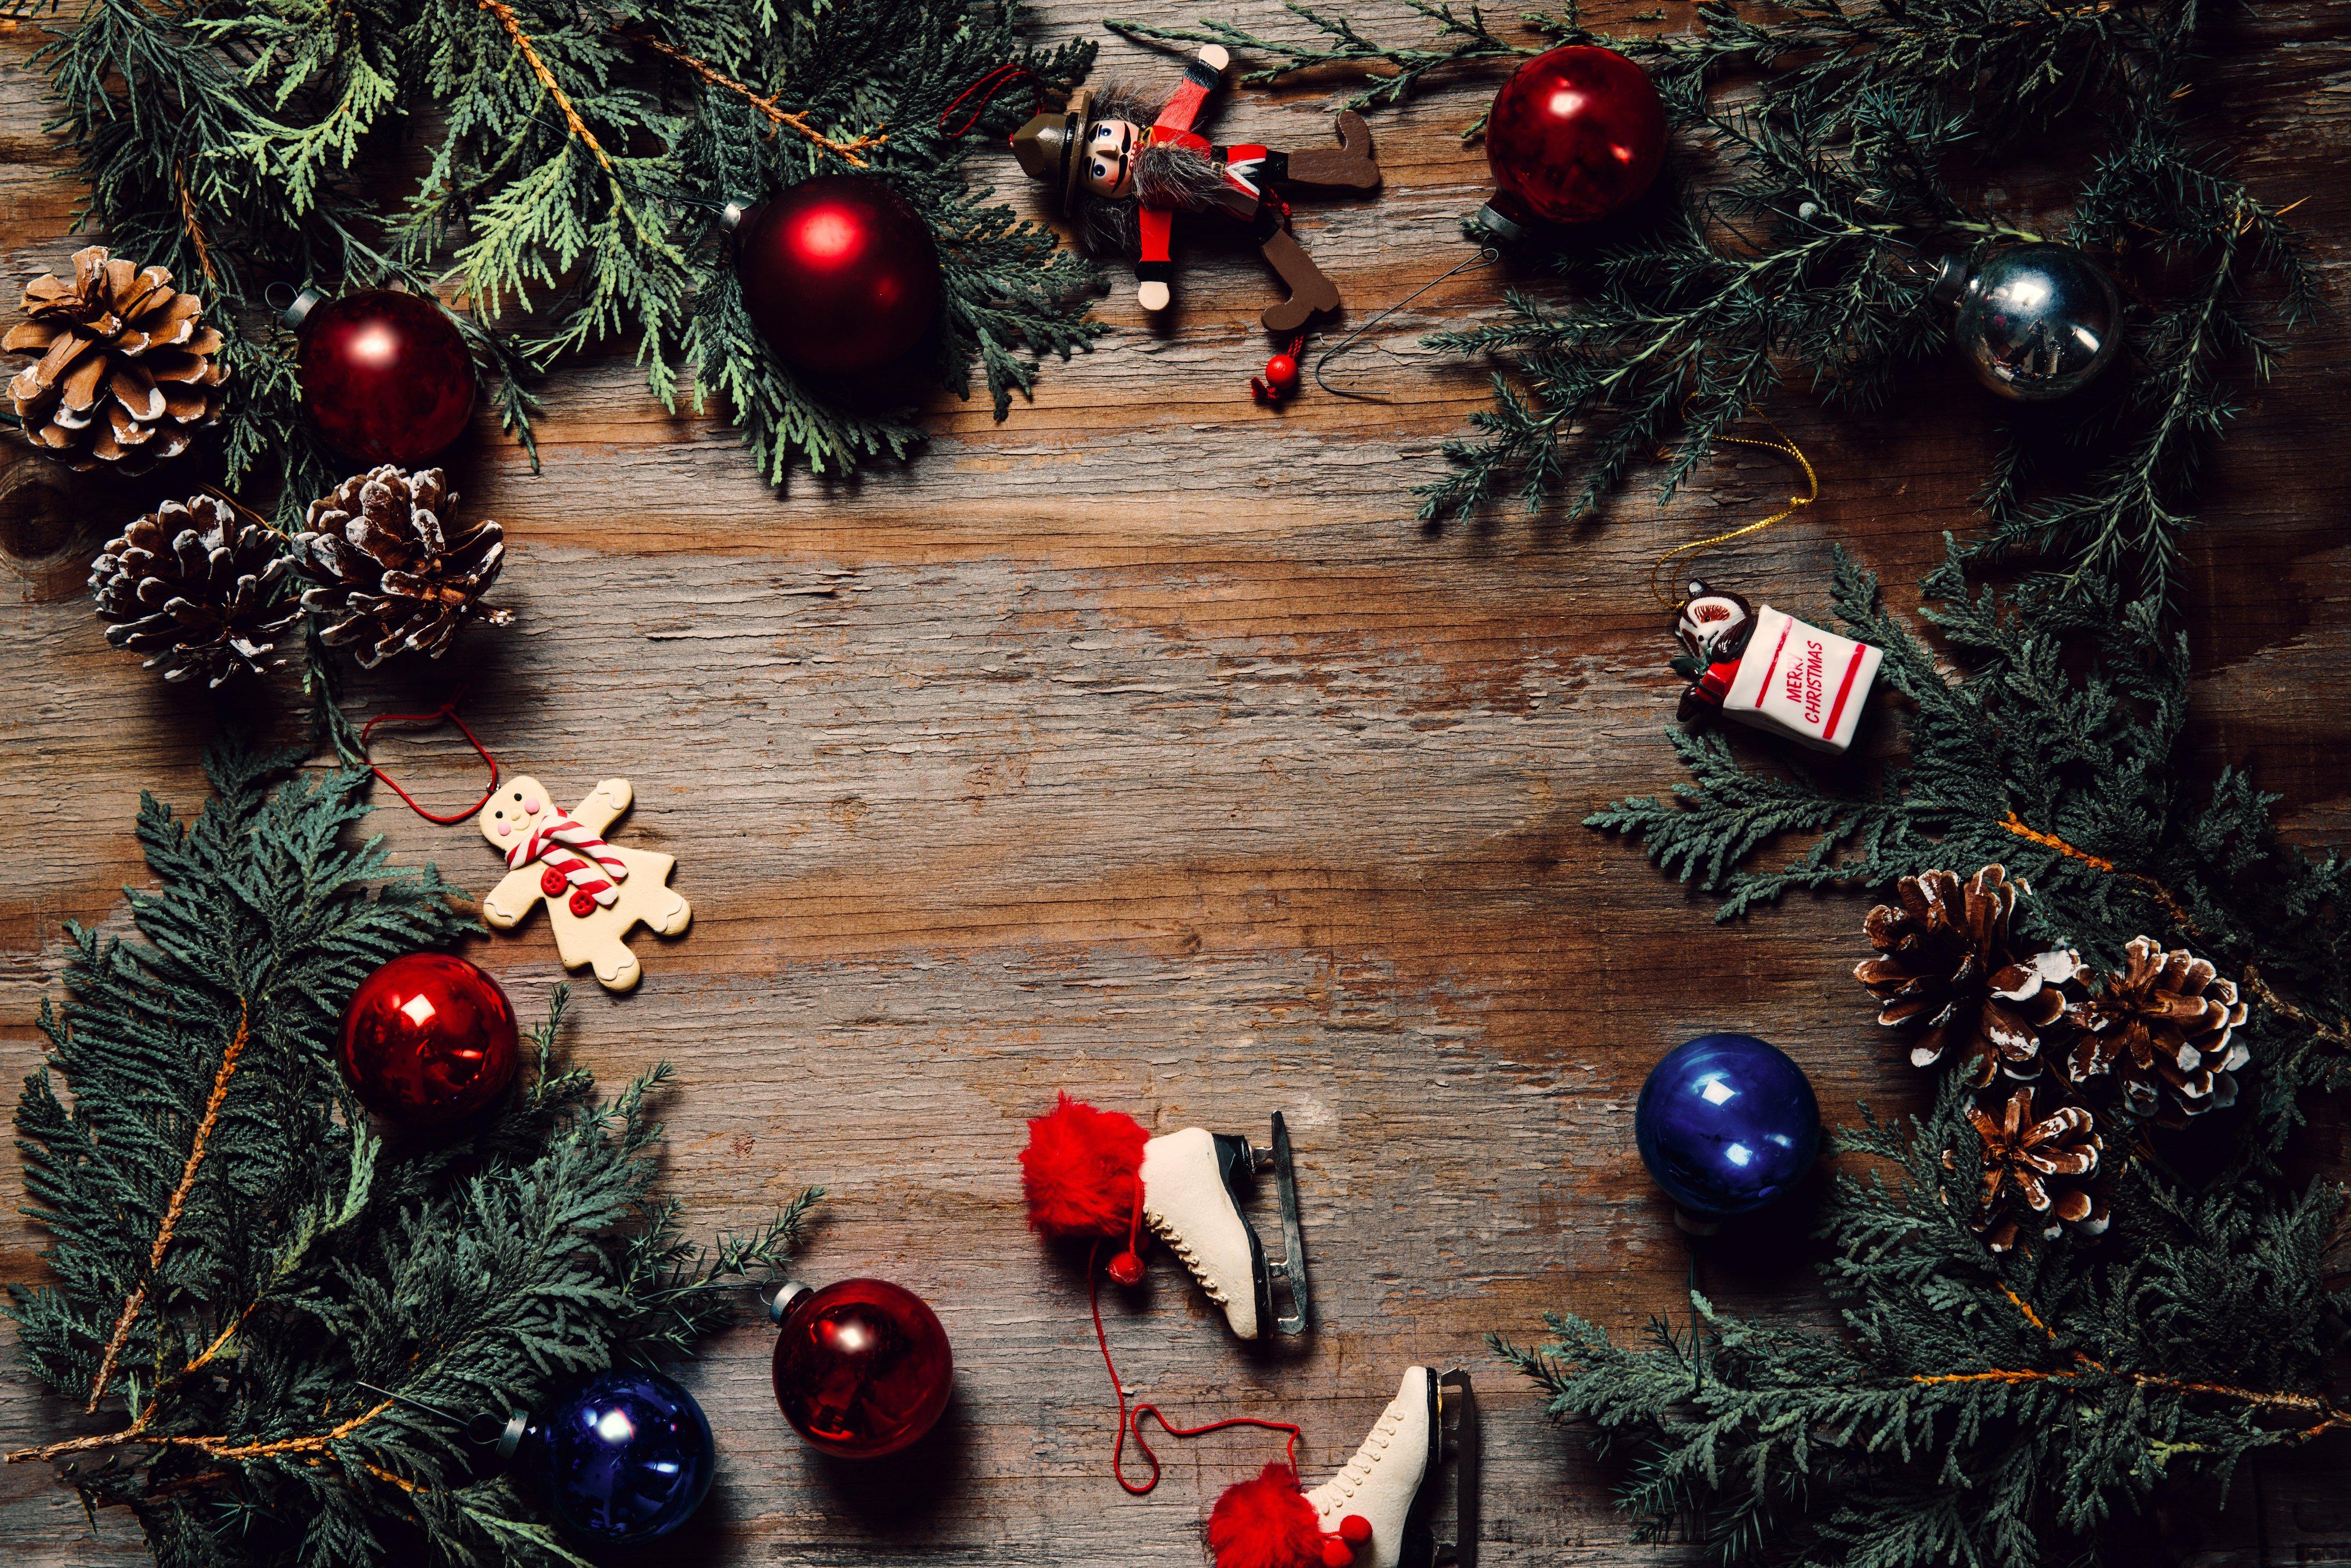 【関西】2020年クリスマスはどうする?GoToでお得にランチ・ディナーがおすすめ♪